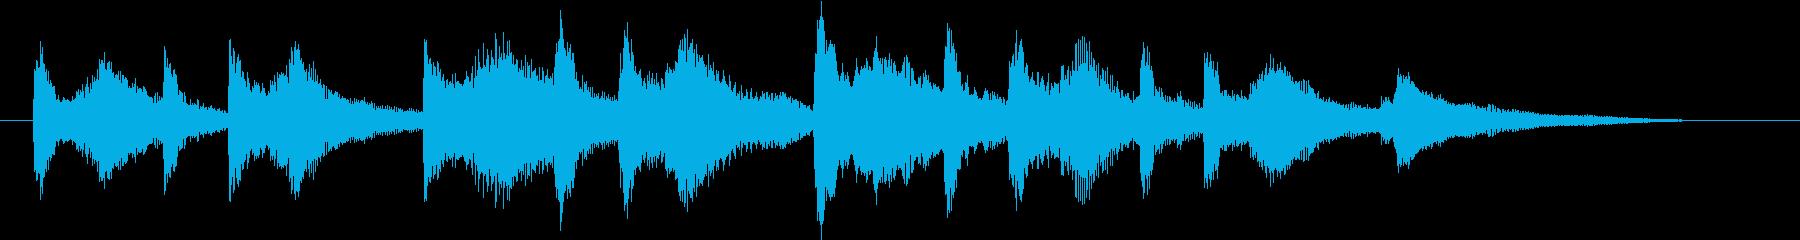 結婚式効果音_ジューンブライド02の再生済みの波形